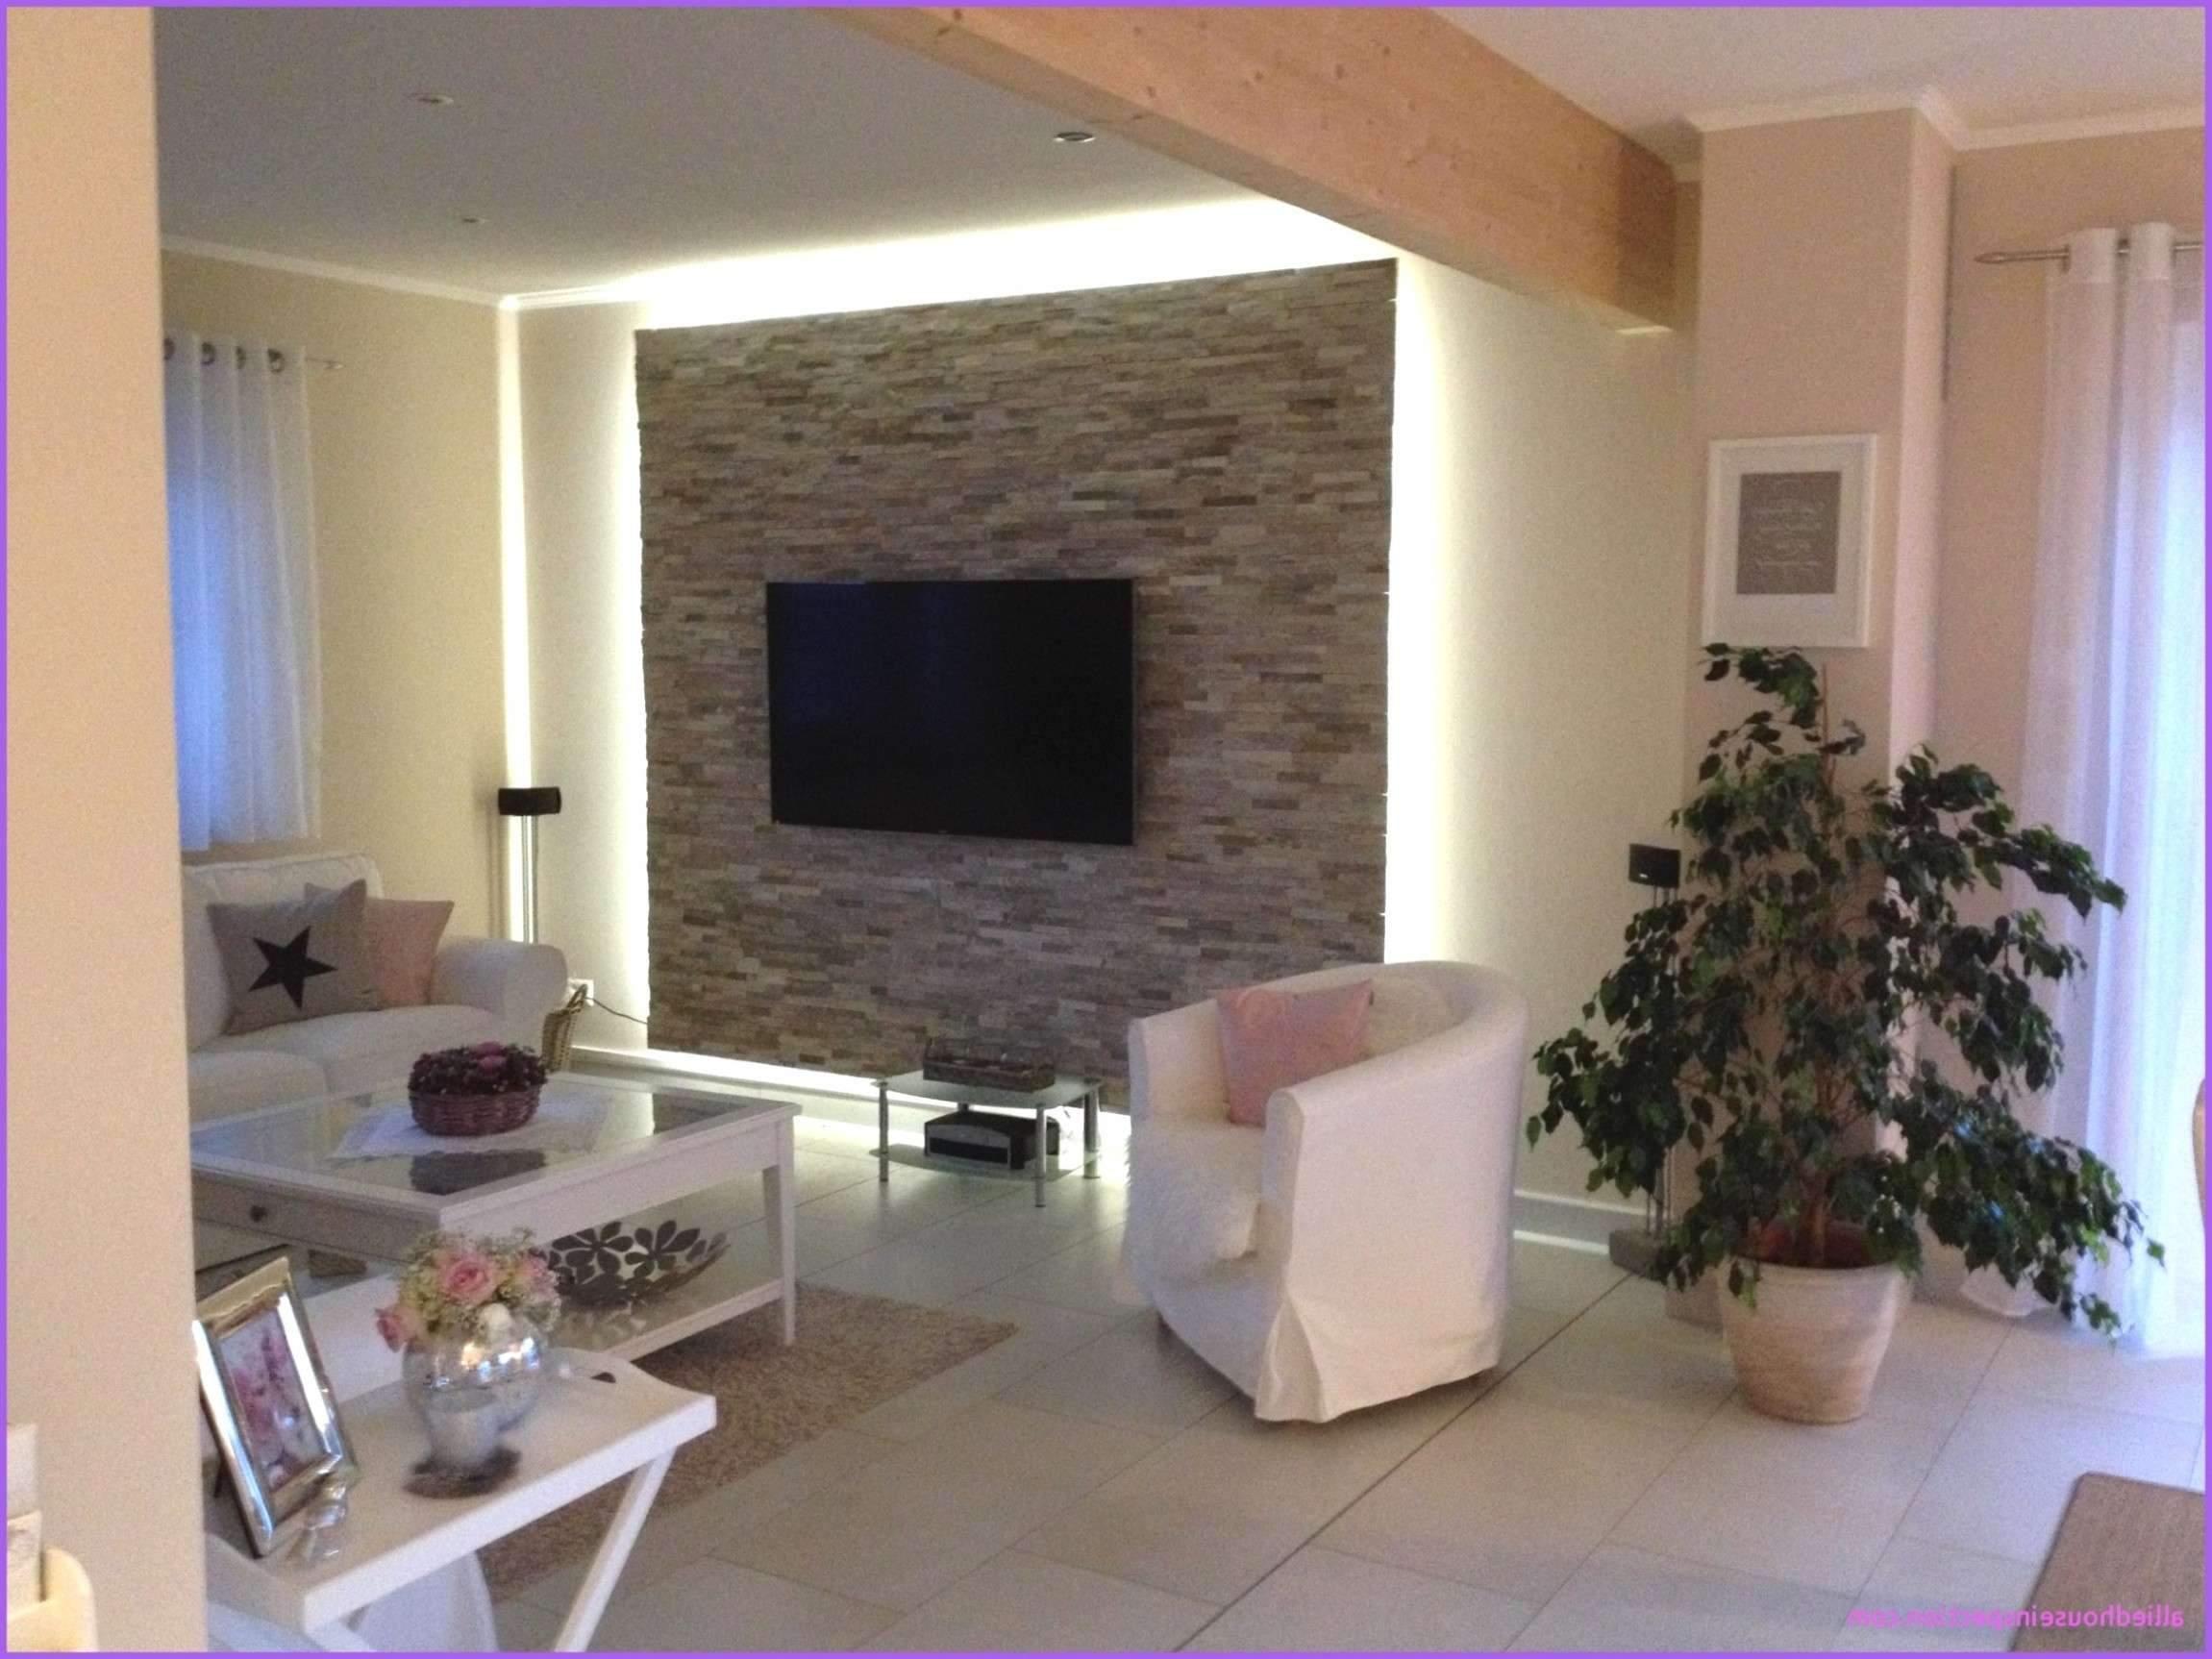 wohnzimmer design ideen inspirierend wohnzimmer design ideen ideen tipps von experten in sem jahr of wohnzimmer design ideen